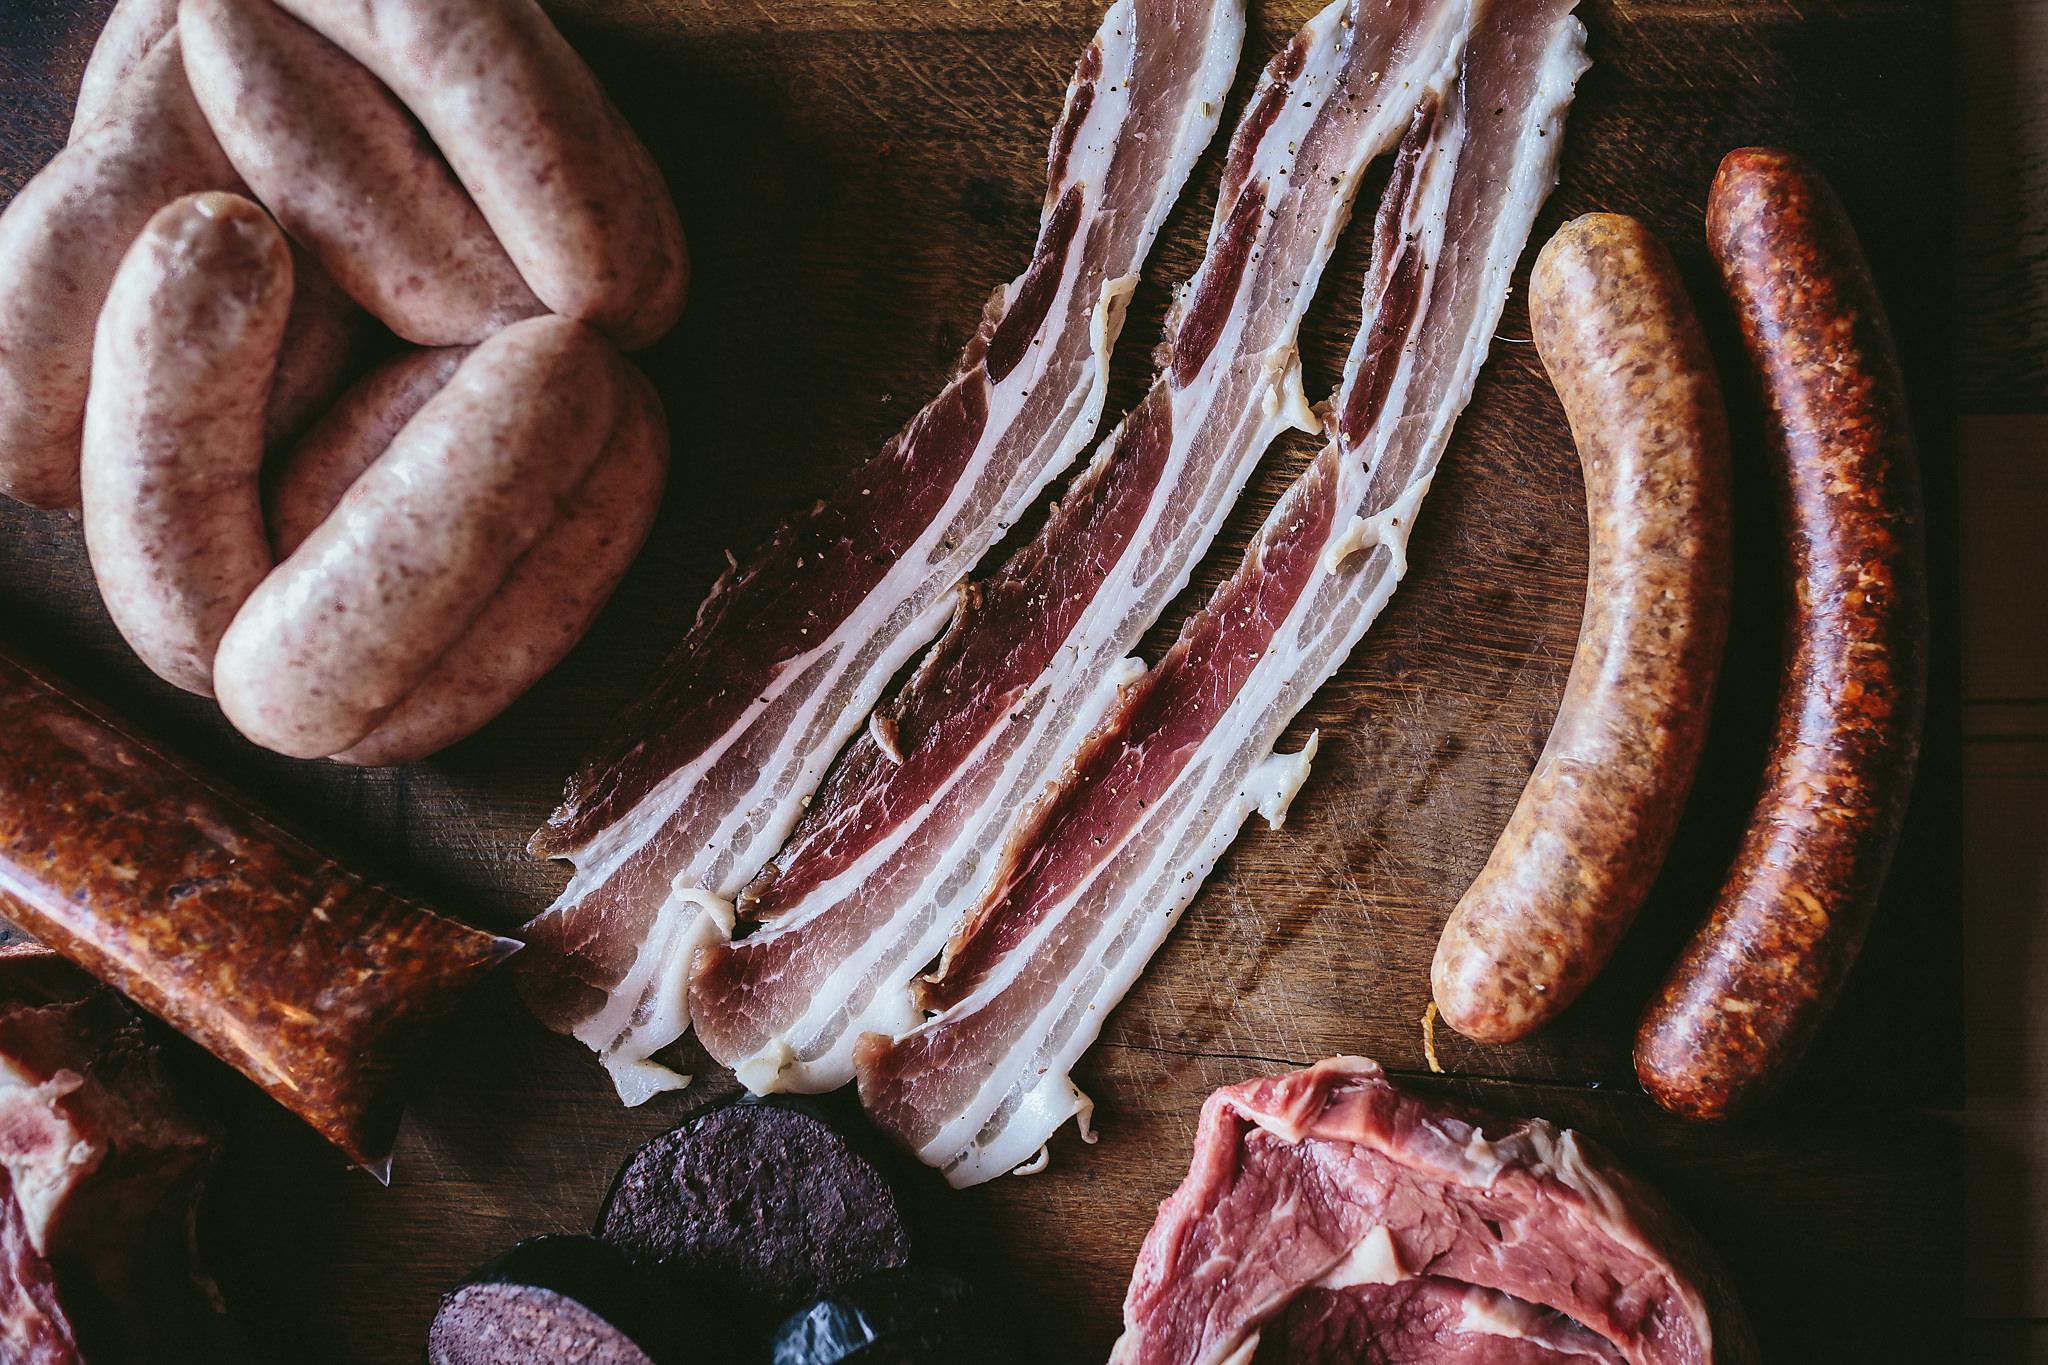 Longhorns_Meat_Charcuterie-40